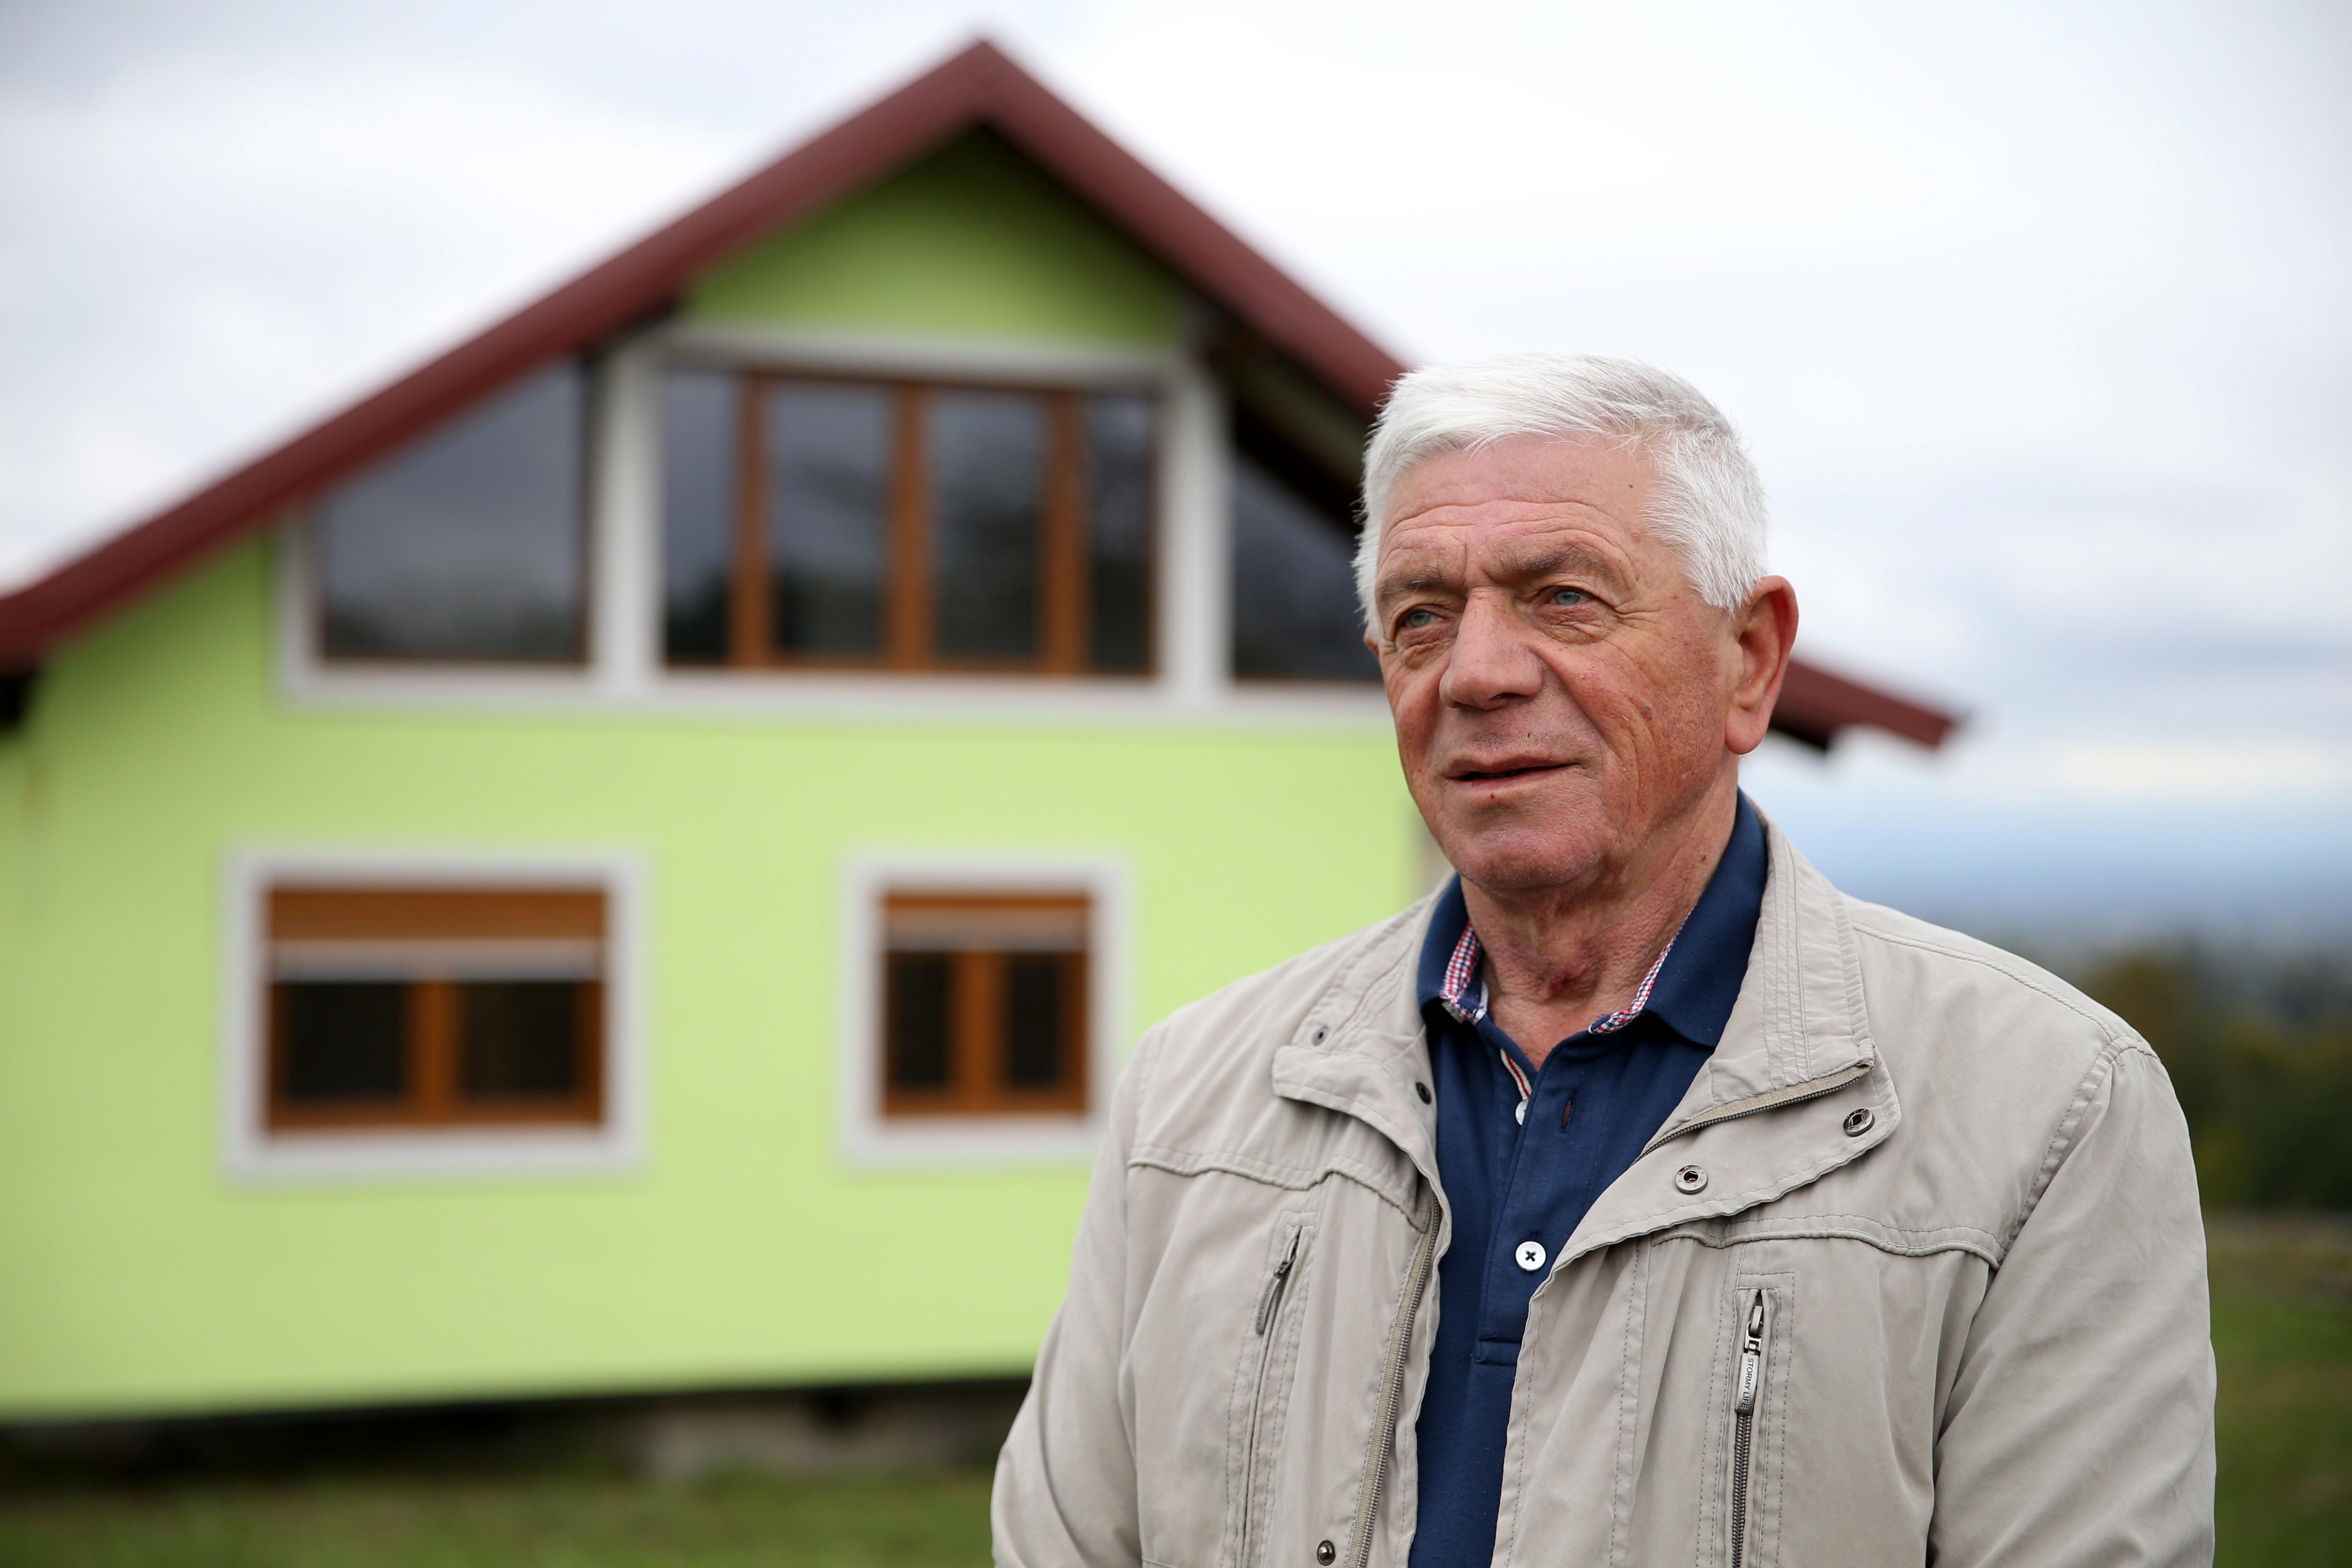 ووجن کوسک 9 اکتوبر 2021 کو ساربیک ، بوسنیا اور ہرزیگوینا میں اپنے گھومنے والے گھر کے سامنے تصویر کے لیے پوز دے رہے ہیں۔ رائٹرز / دادو رووچ